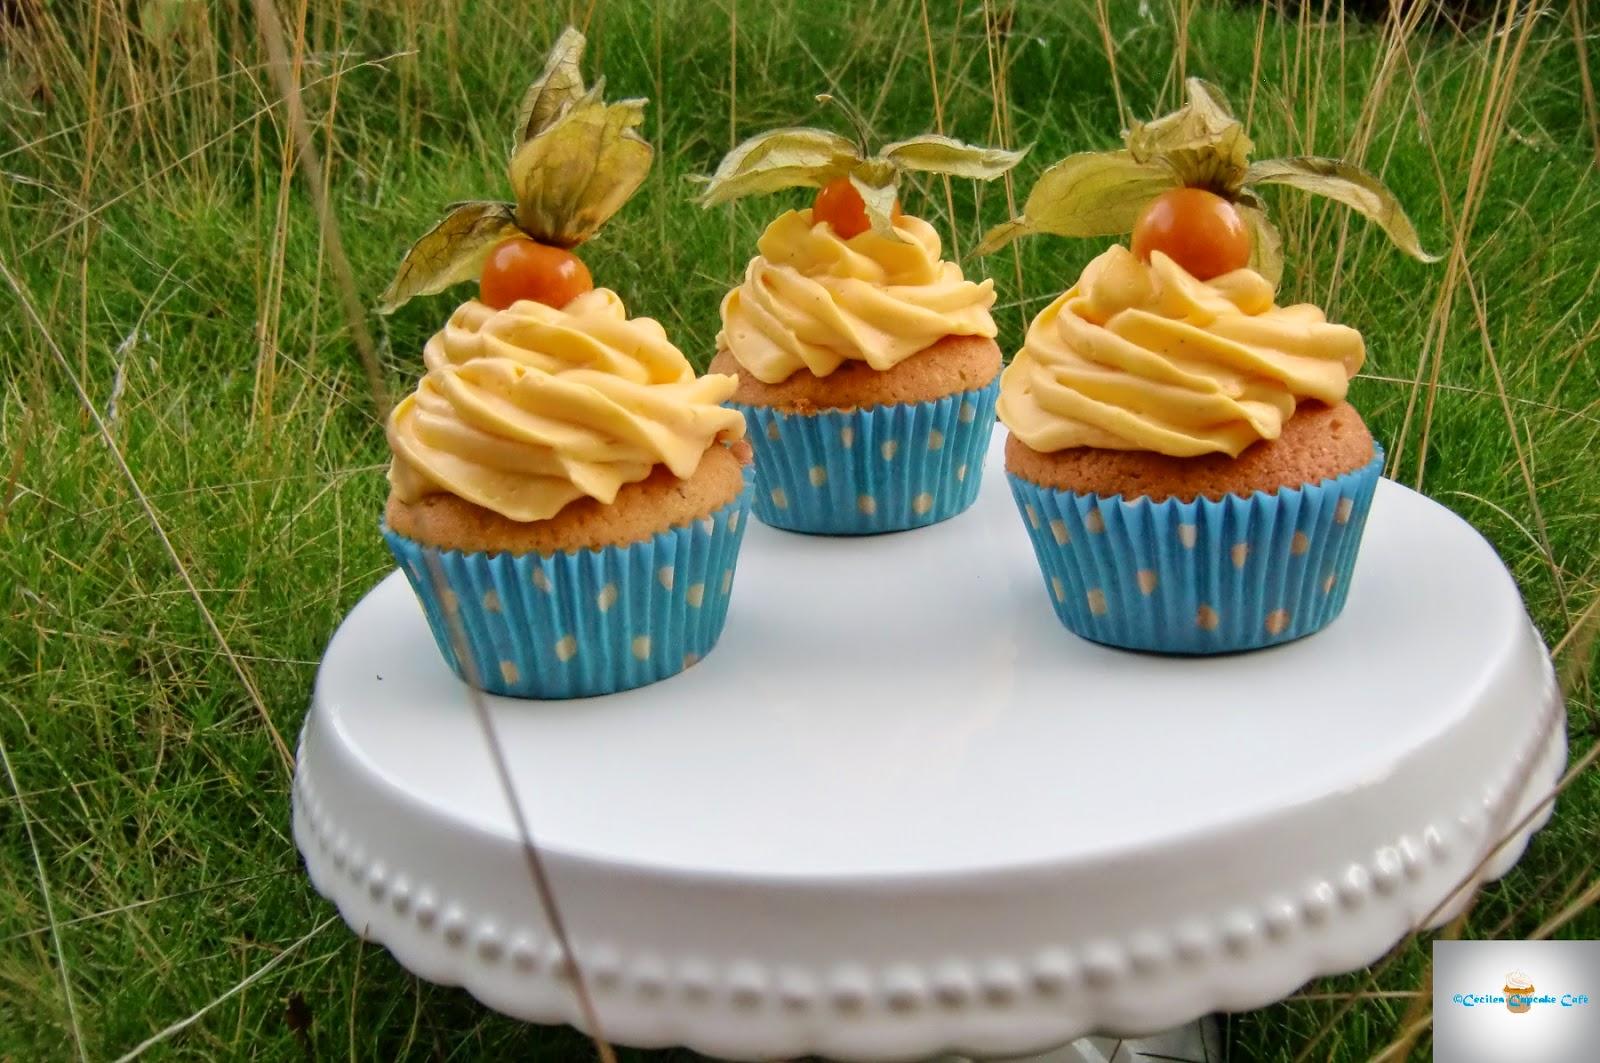 http://cecilecupcakecafe.blogspot.de/2014/08/multivitamin-cupcakes.html